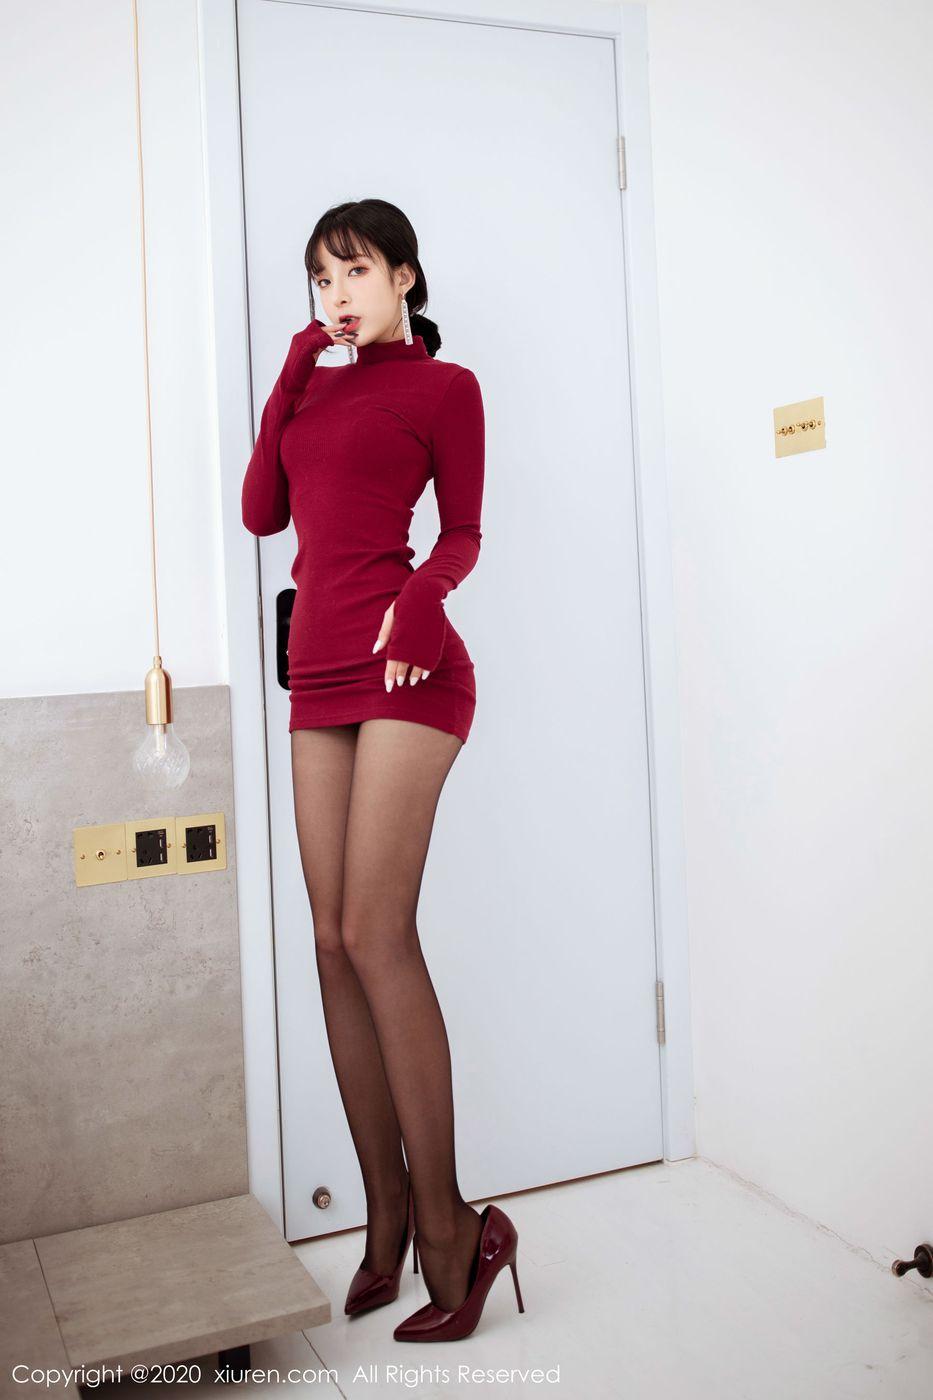 Vol.269 高跟鞋黑丝美腿翘臀内衣诱惑美女模特秀人网-陈小喵完整私房照合集